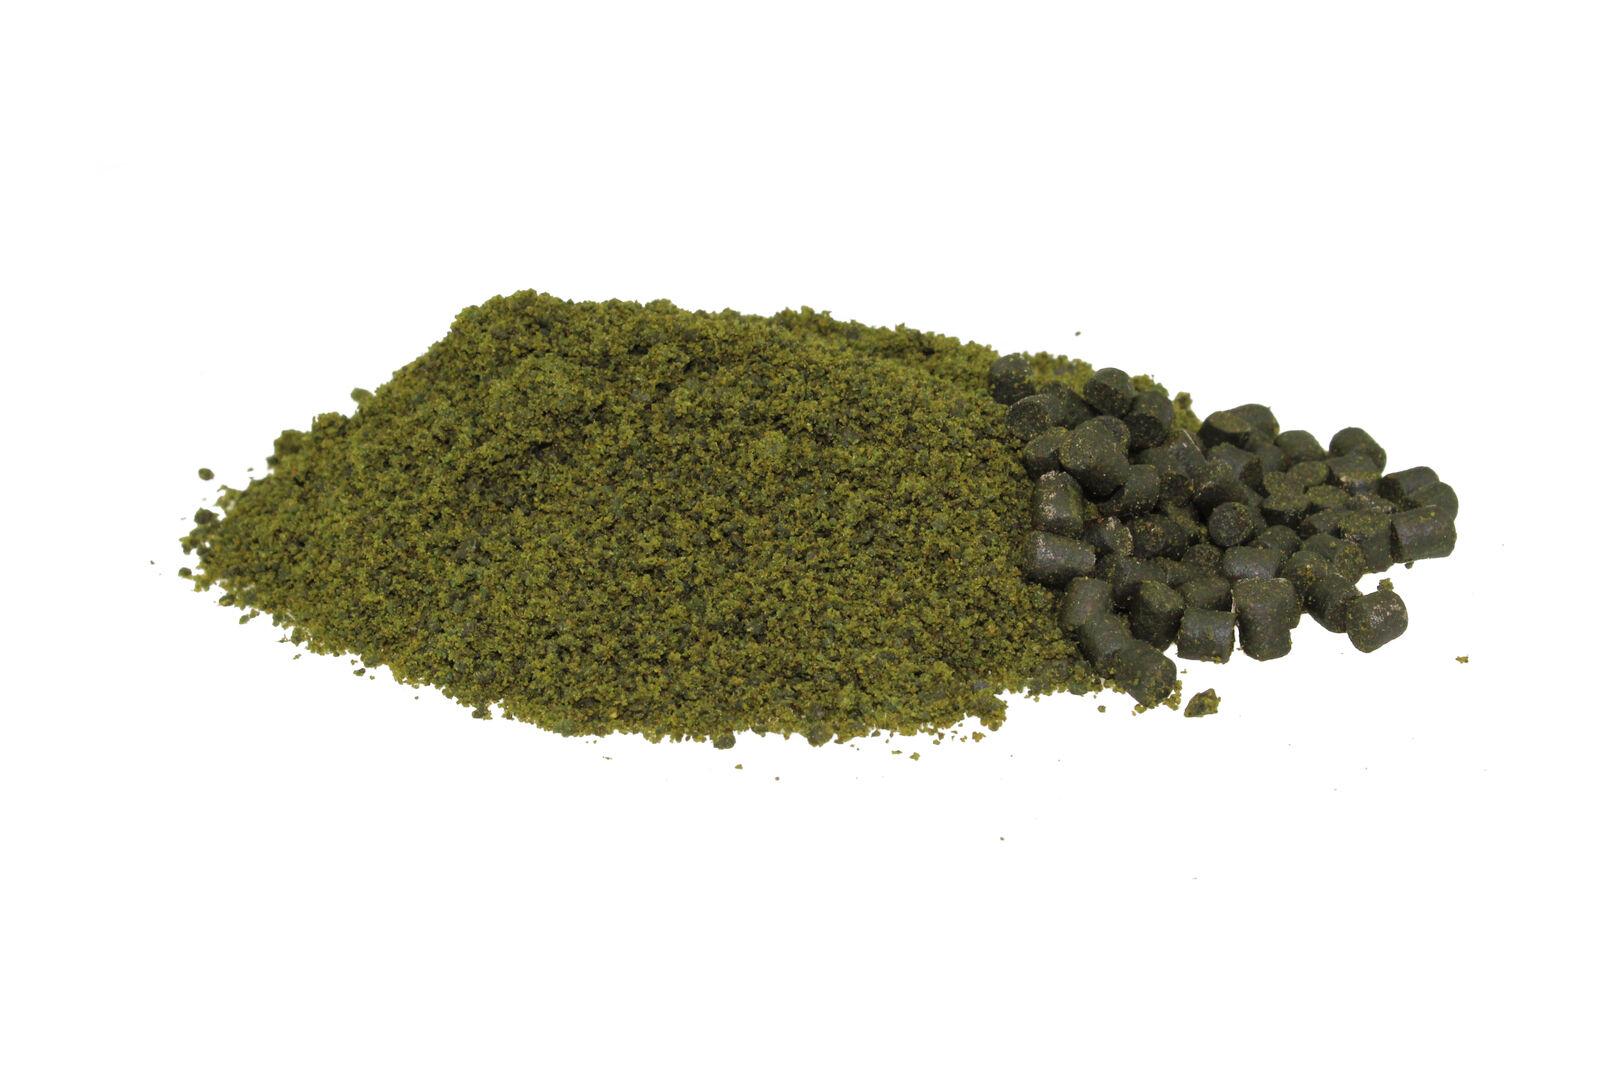 3,90 Eur   kg green Bétaïne Crush 10kg Granulaire Pellets de Flétan Broyé